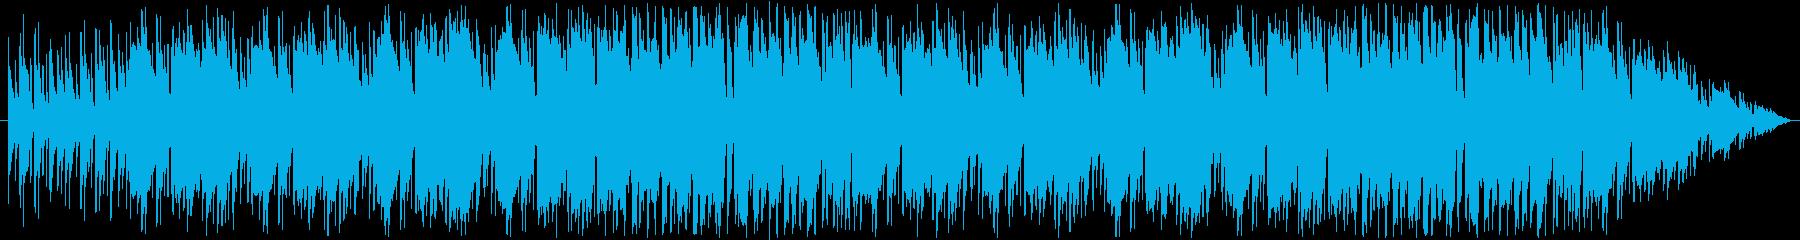 ほのぼのパズルゲーム向け日常BGMの再生済みの波形